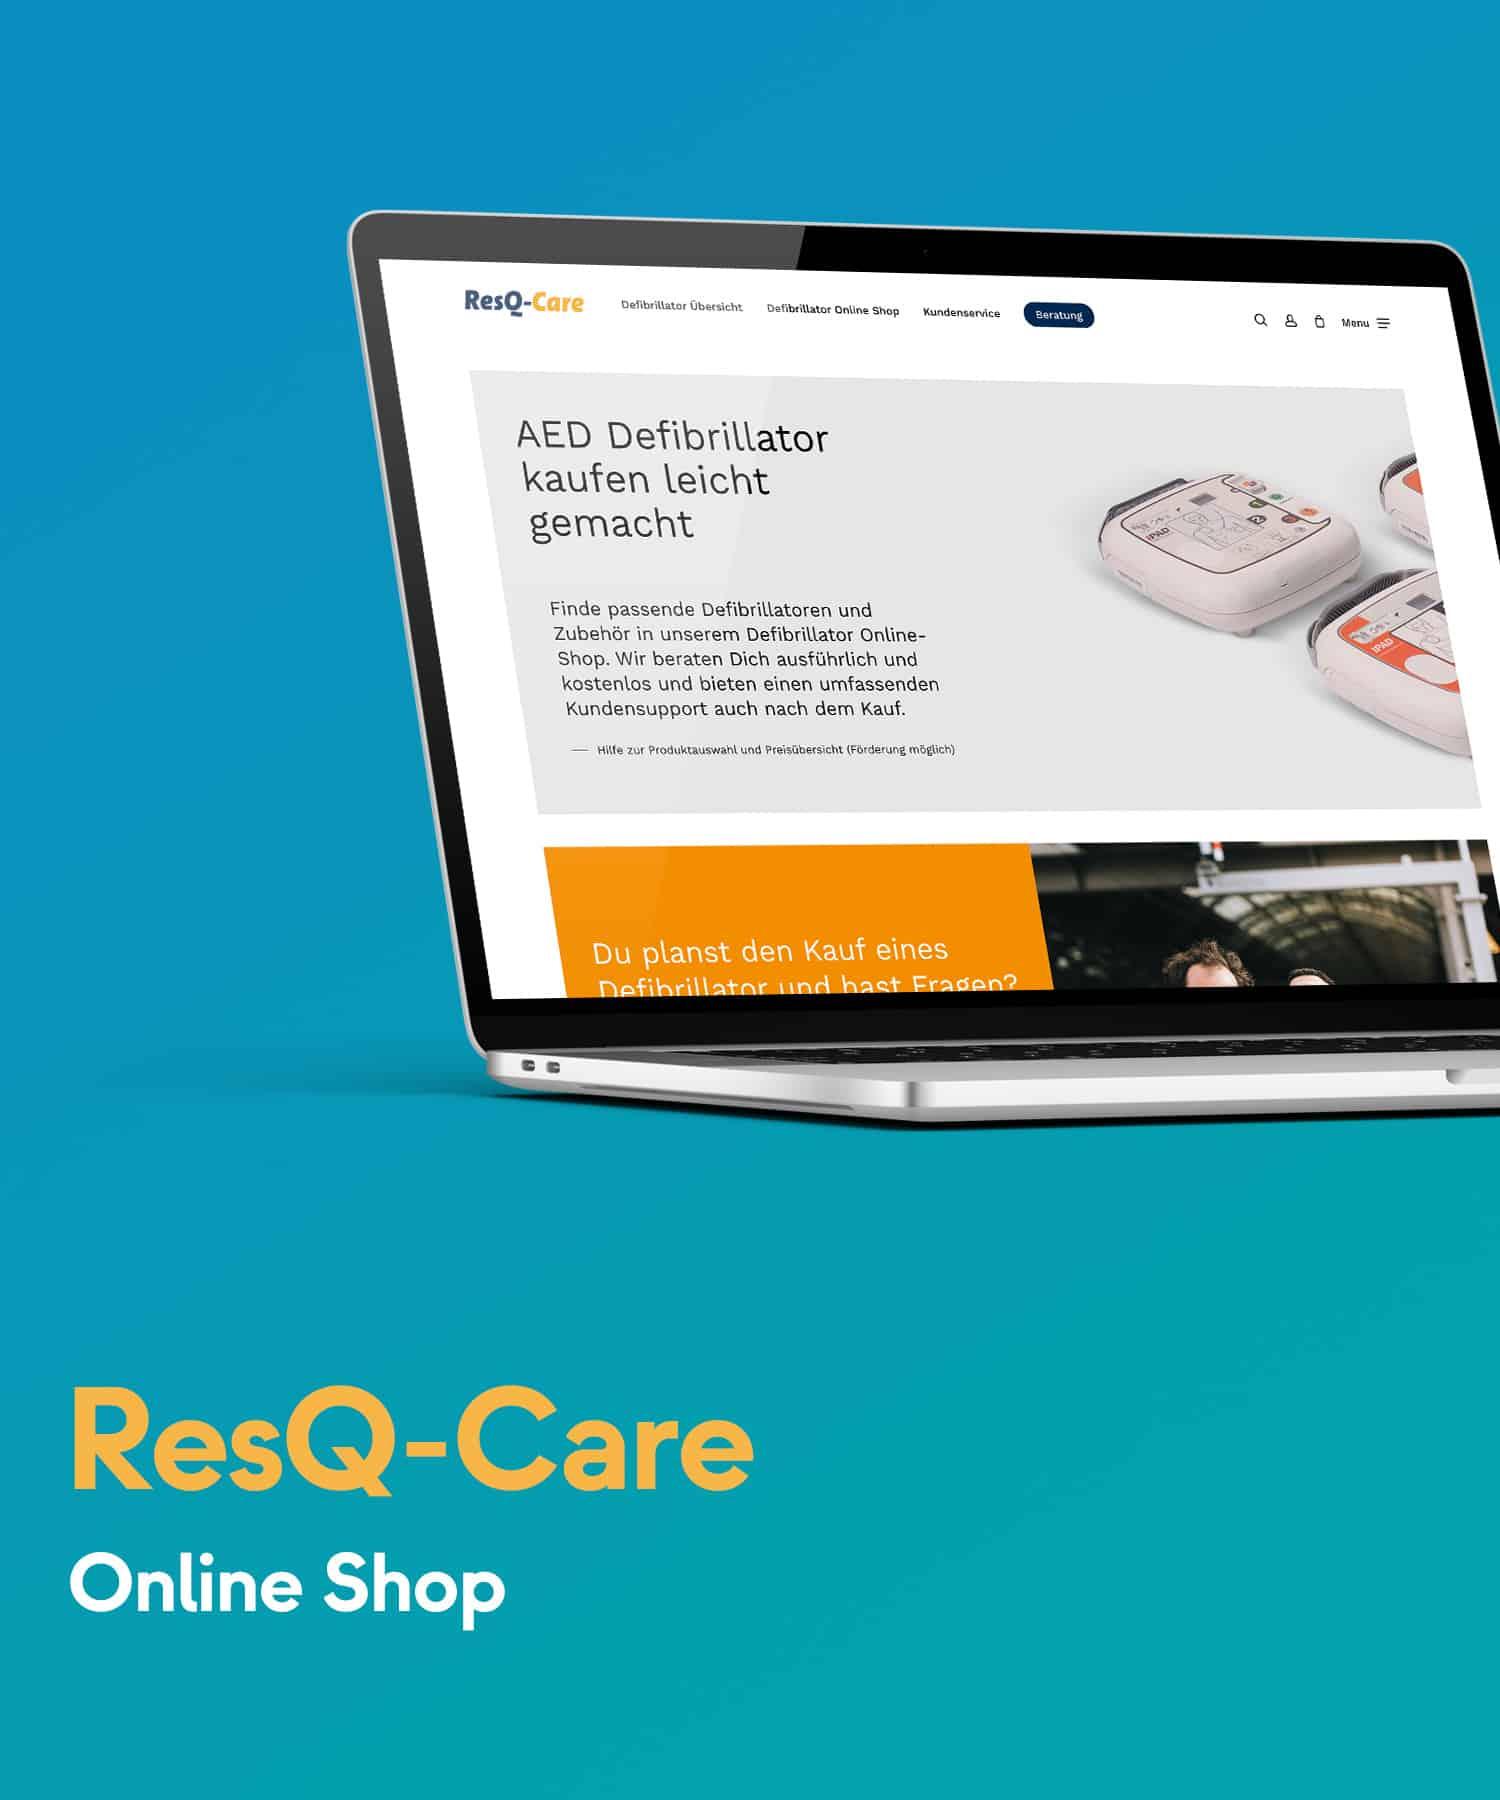 ResQ-Care